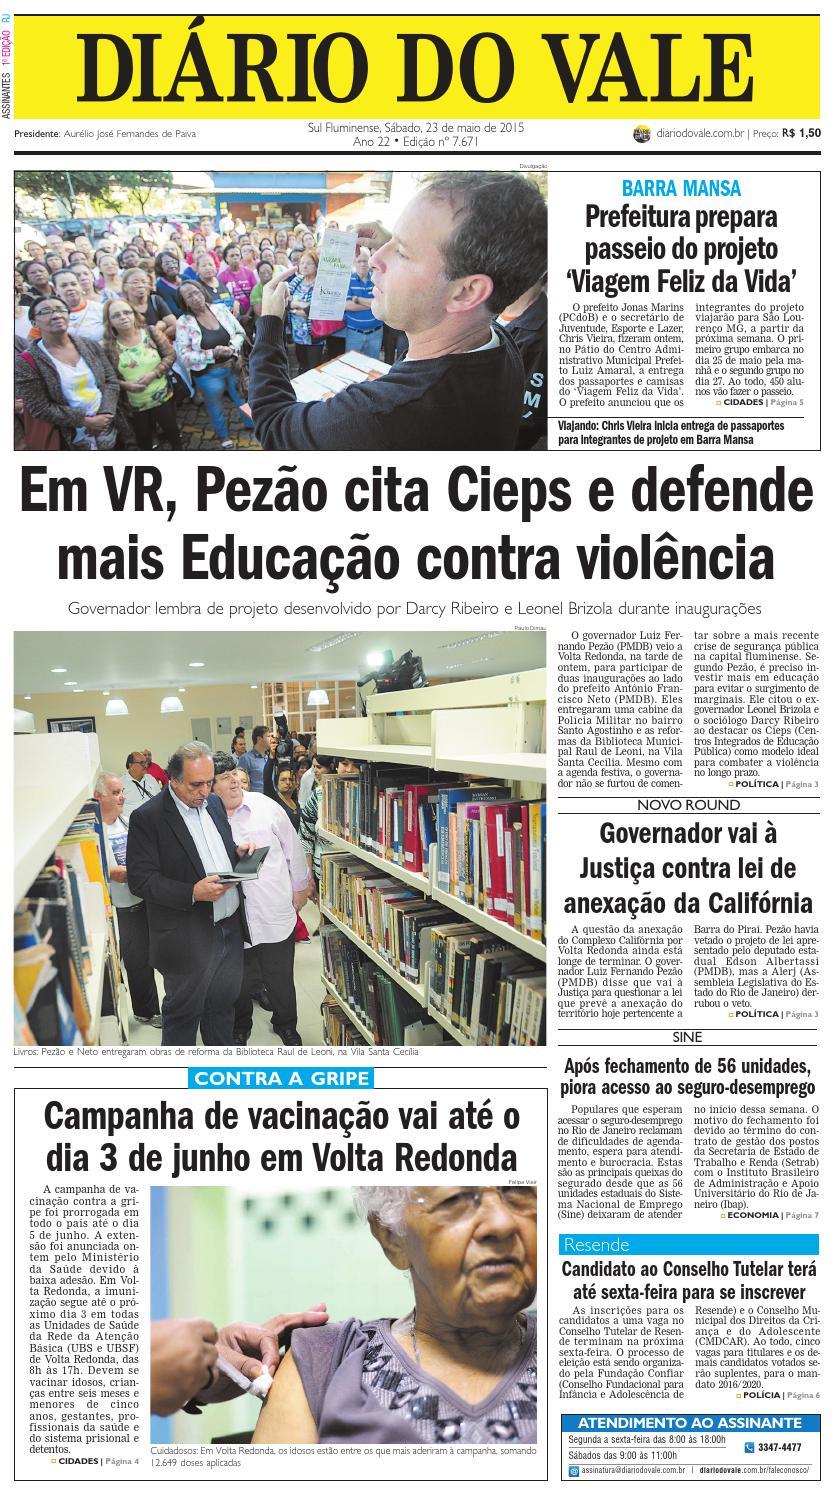 7671 diario sabado 23 05 2015 by Diário do Vale - issuu 34a787f08aeb7